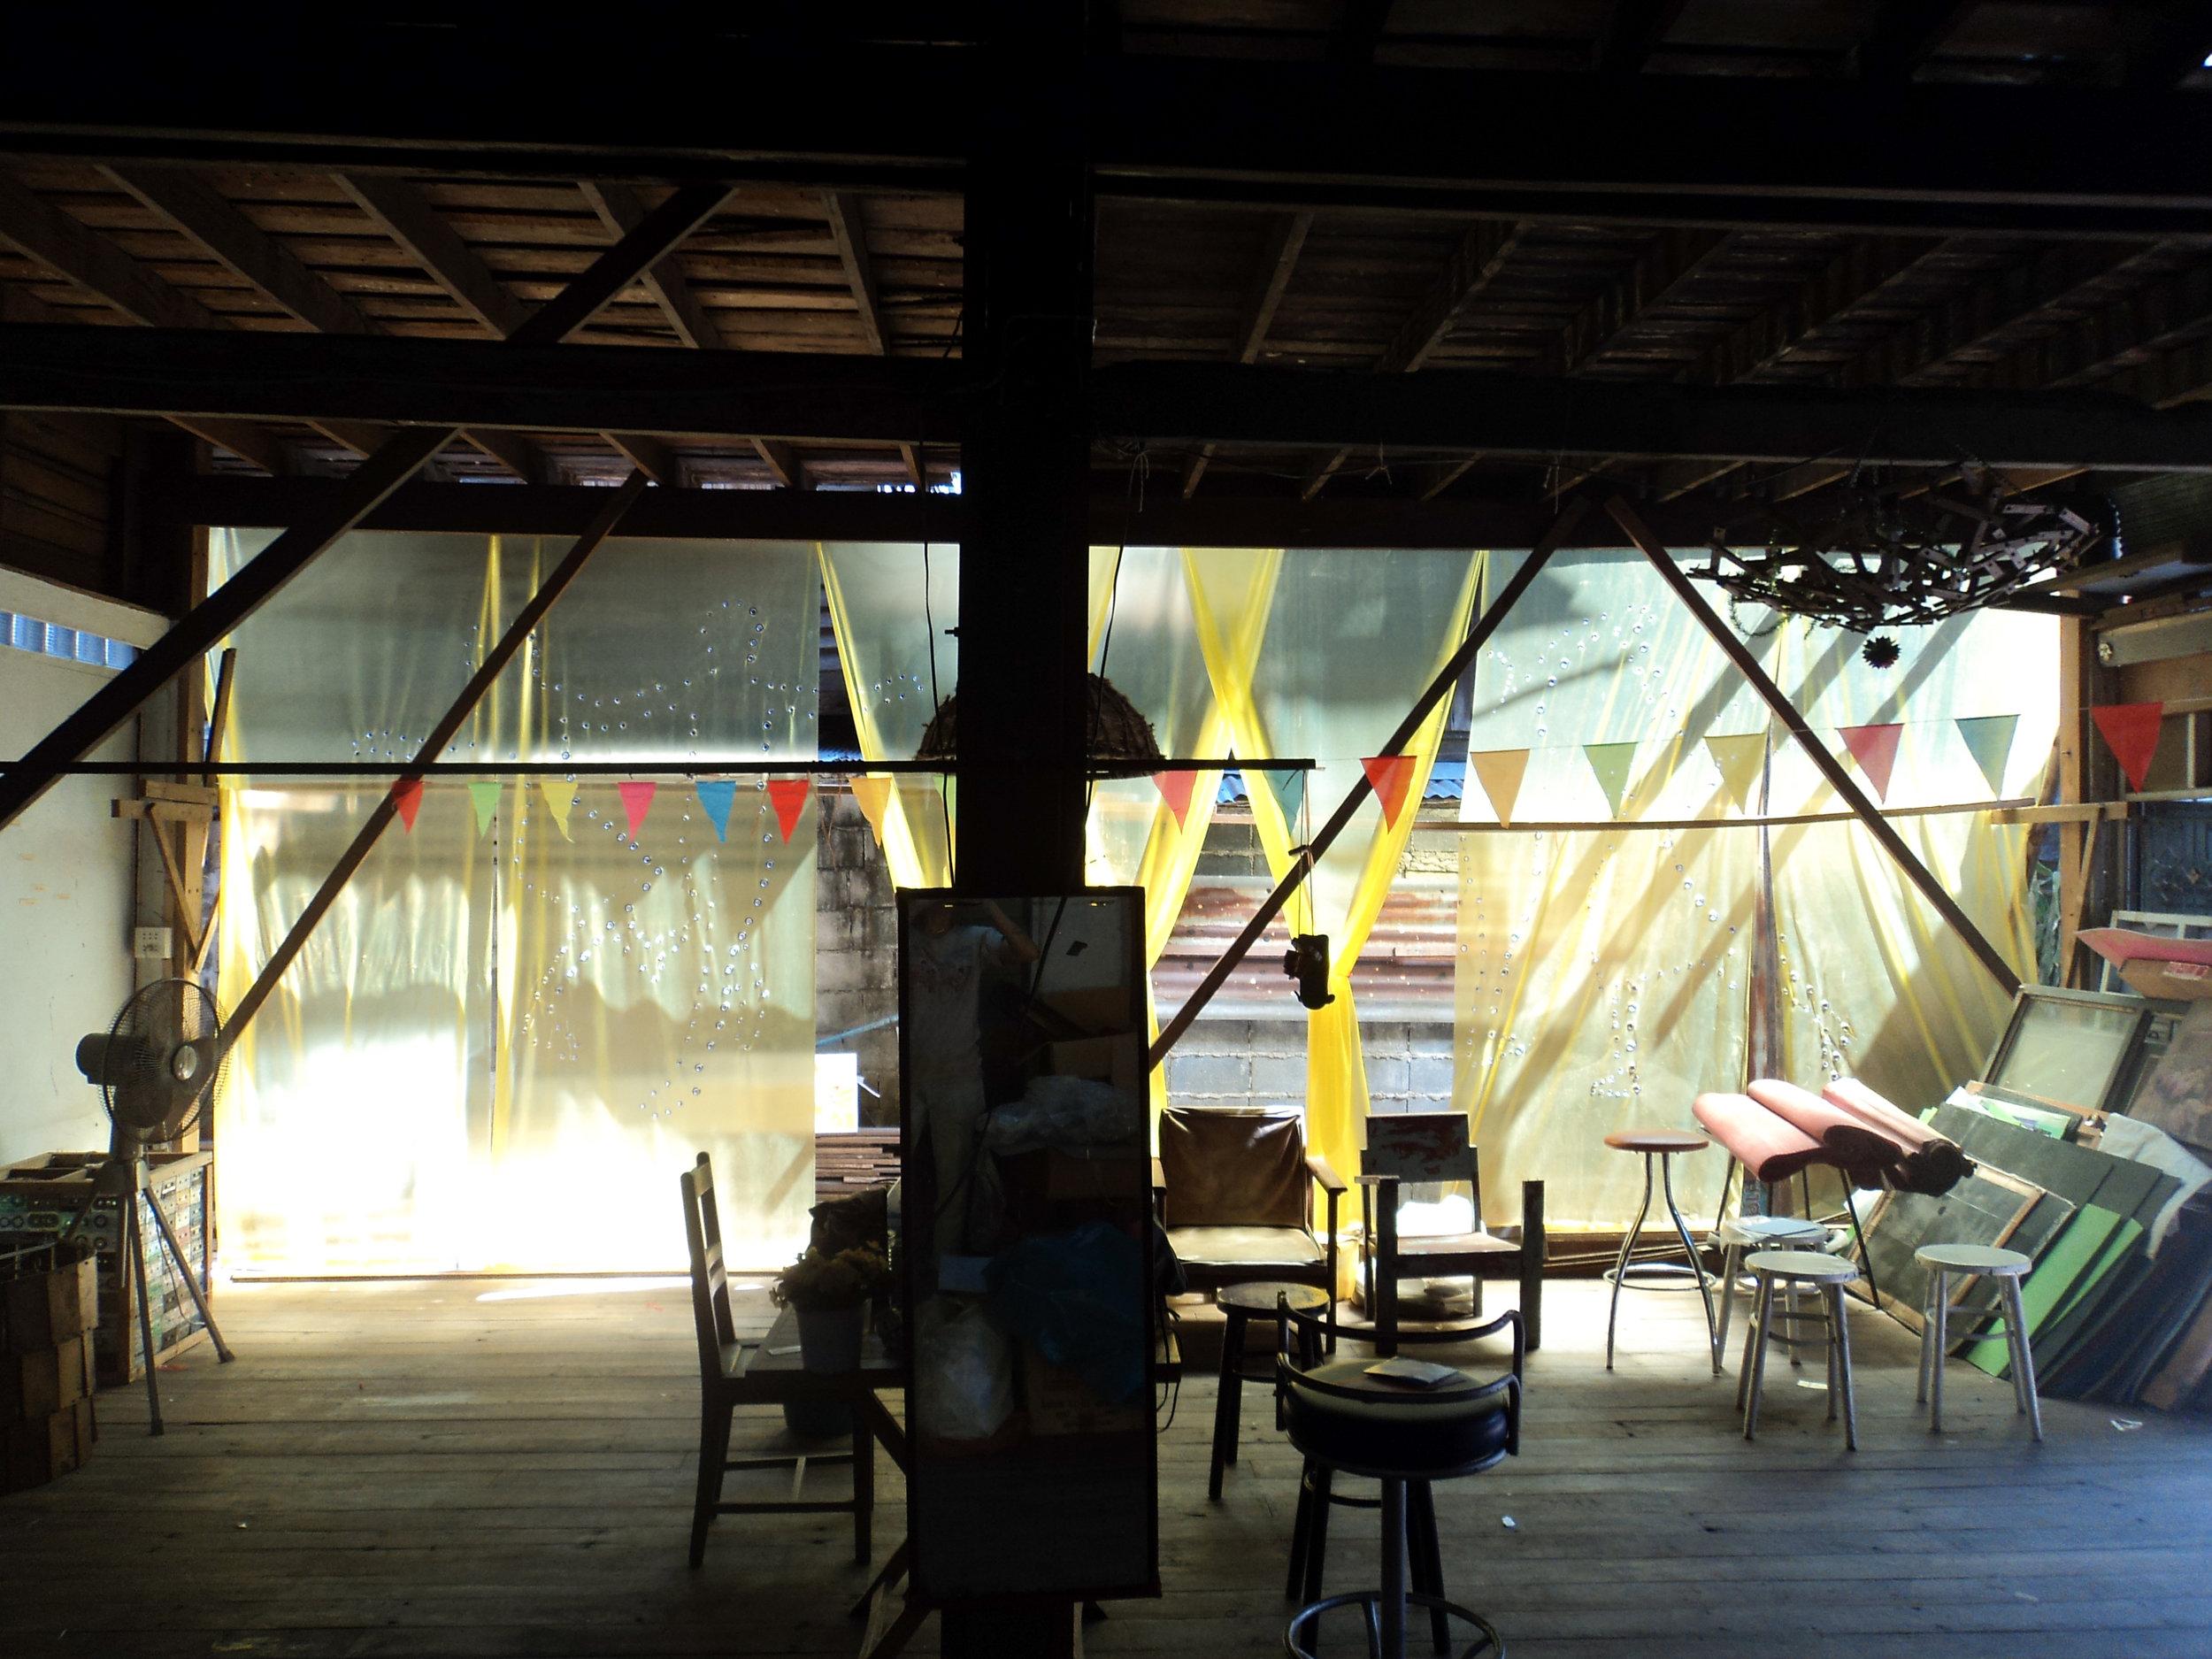 Dancing House: Renovating a community space in Nang Lerng, Bangkok